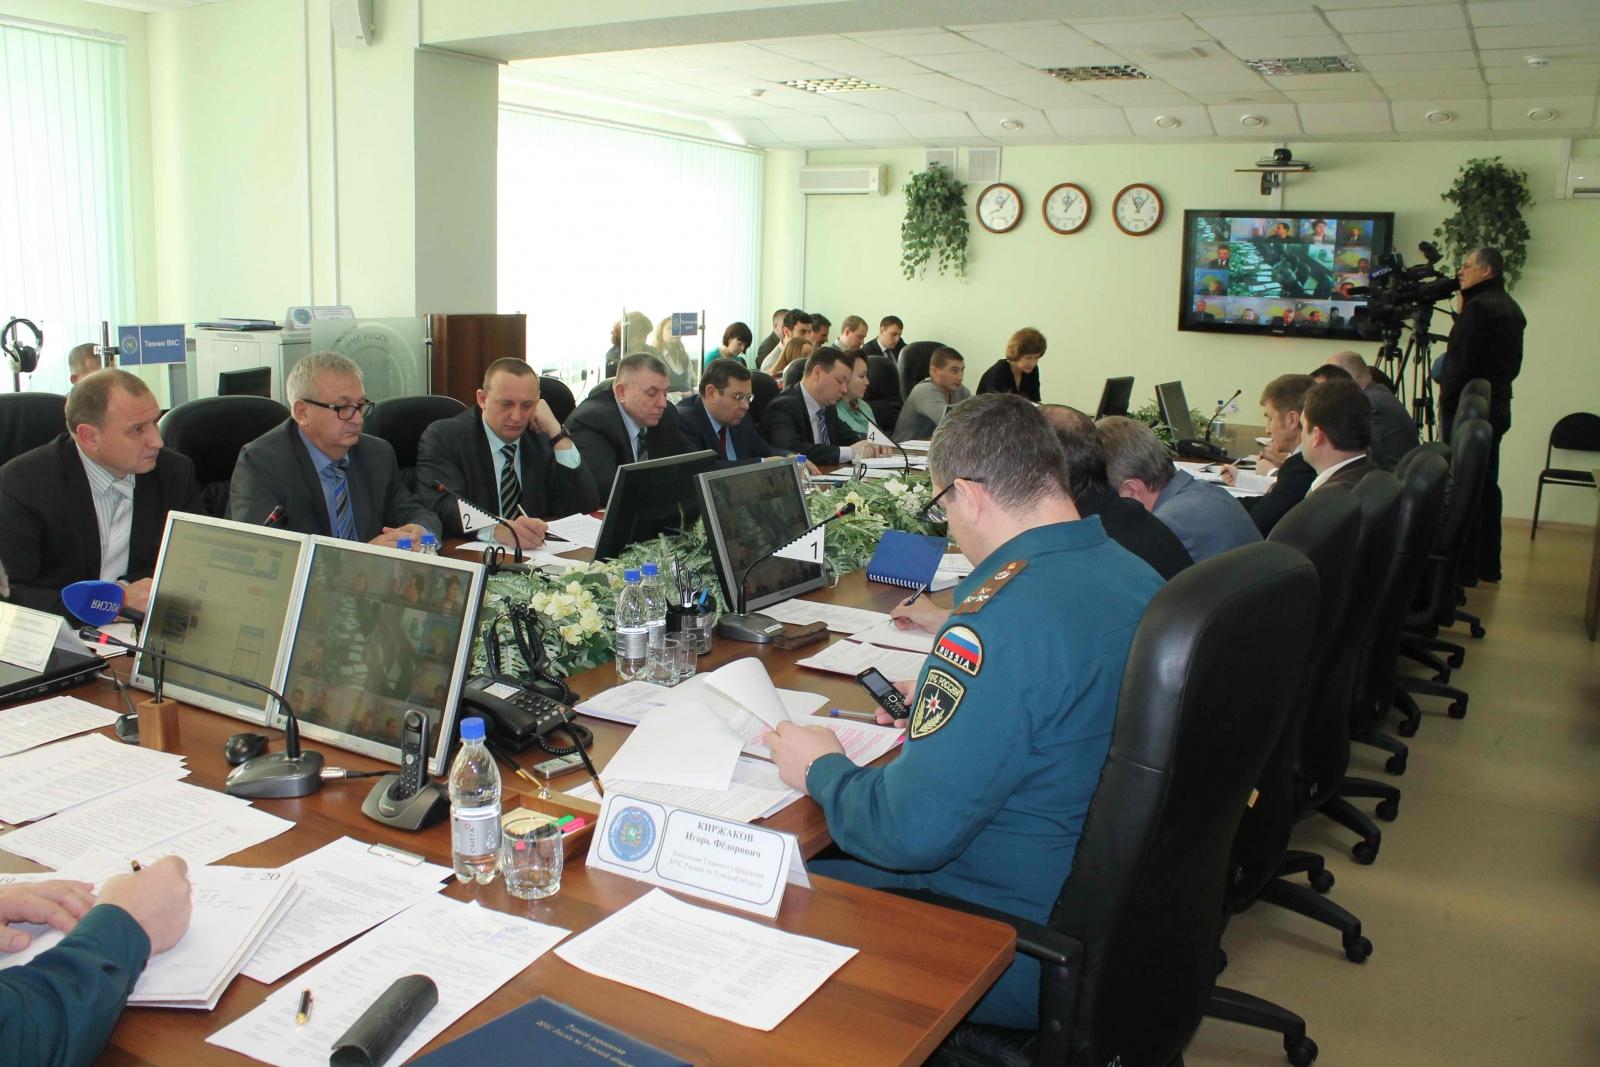 Заседание областной межведомственной комиссии по предупреждению и ликвидации ЧС и обеспечению пожарной безопасности по подготовке к пропуску паводковых вод, 23 января 2015 года